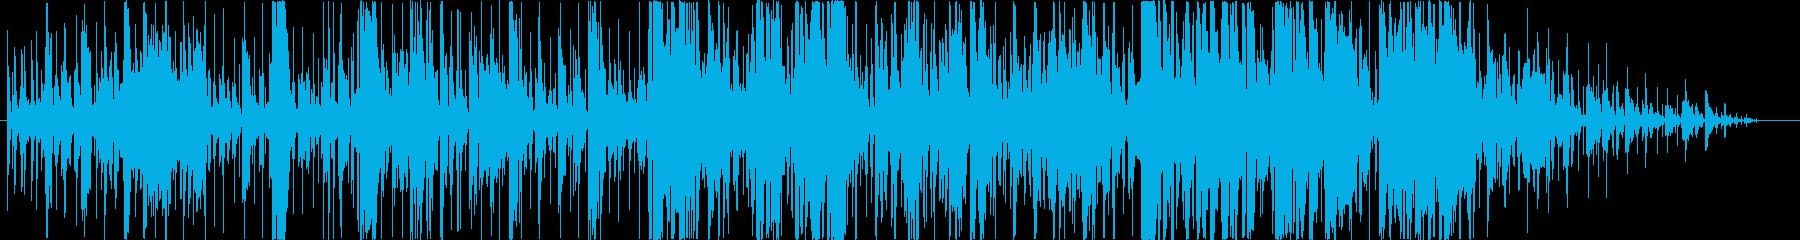 チルアンドブルース。サンタナ。無料...の再生済みの波形